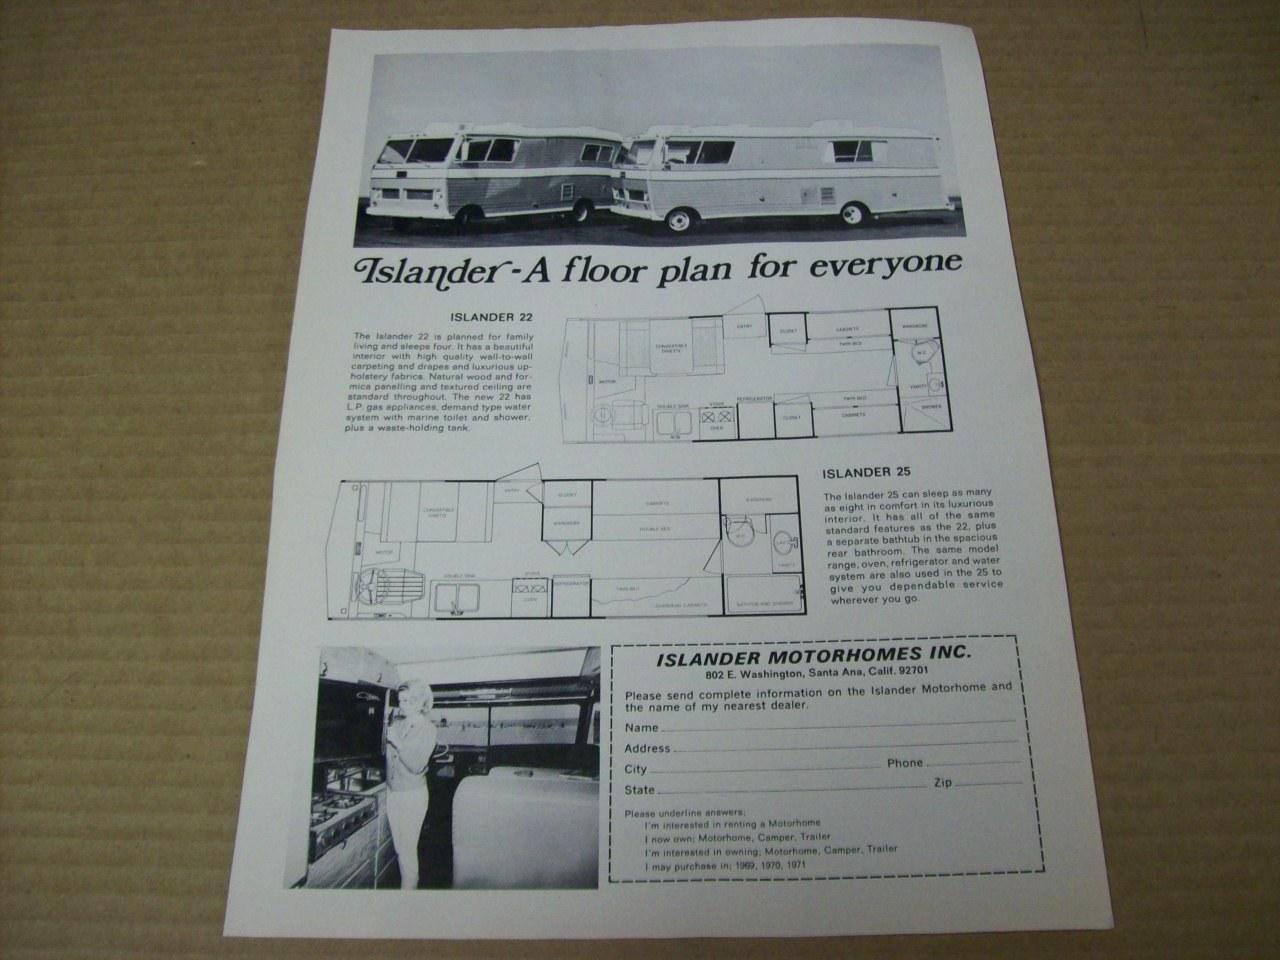 70s Winnebago Chieftain Floor Plan 1970 Wiring Diagram My Vintage Georgie Boy Swinger Executive Lounge Motorhome 1280x960